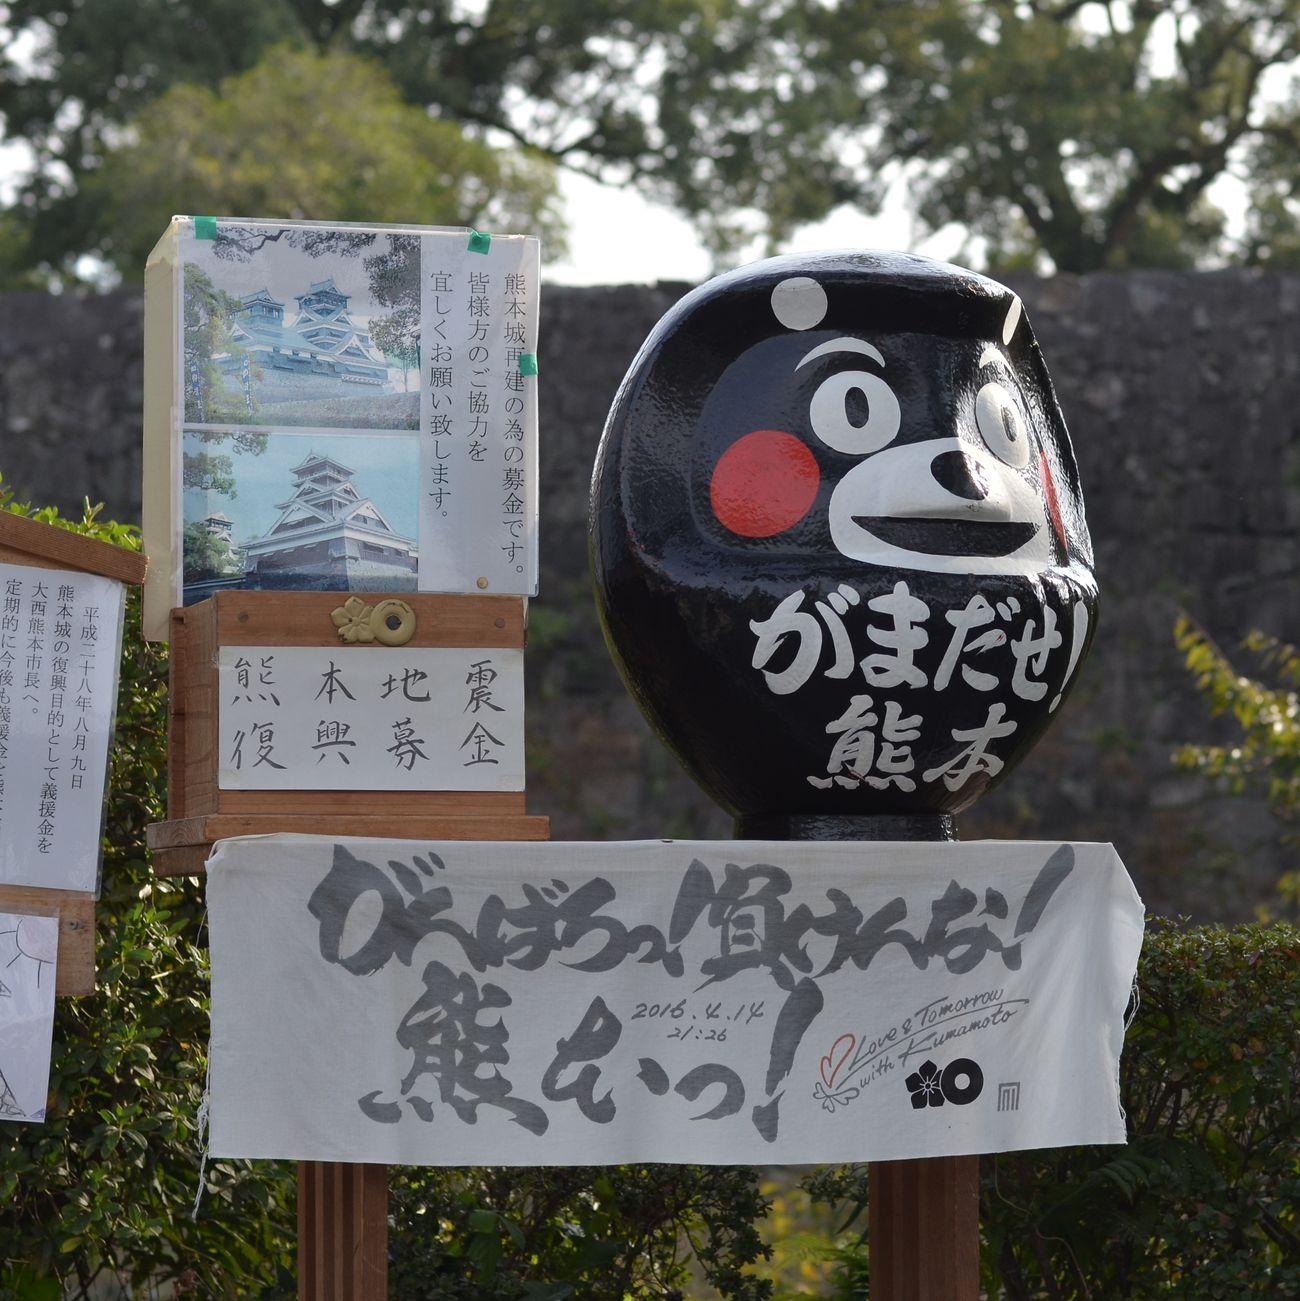 がんばれ熊本!! くまもん ダルマ Pray For Kumamoto KUMAMON Daruma Daruma Doll Kumamoto Earthquake Kumamoto Travel Photography 熊本 旅写真